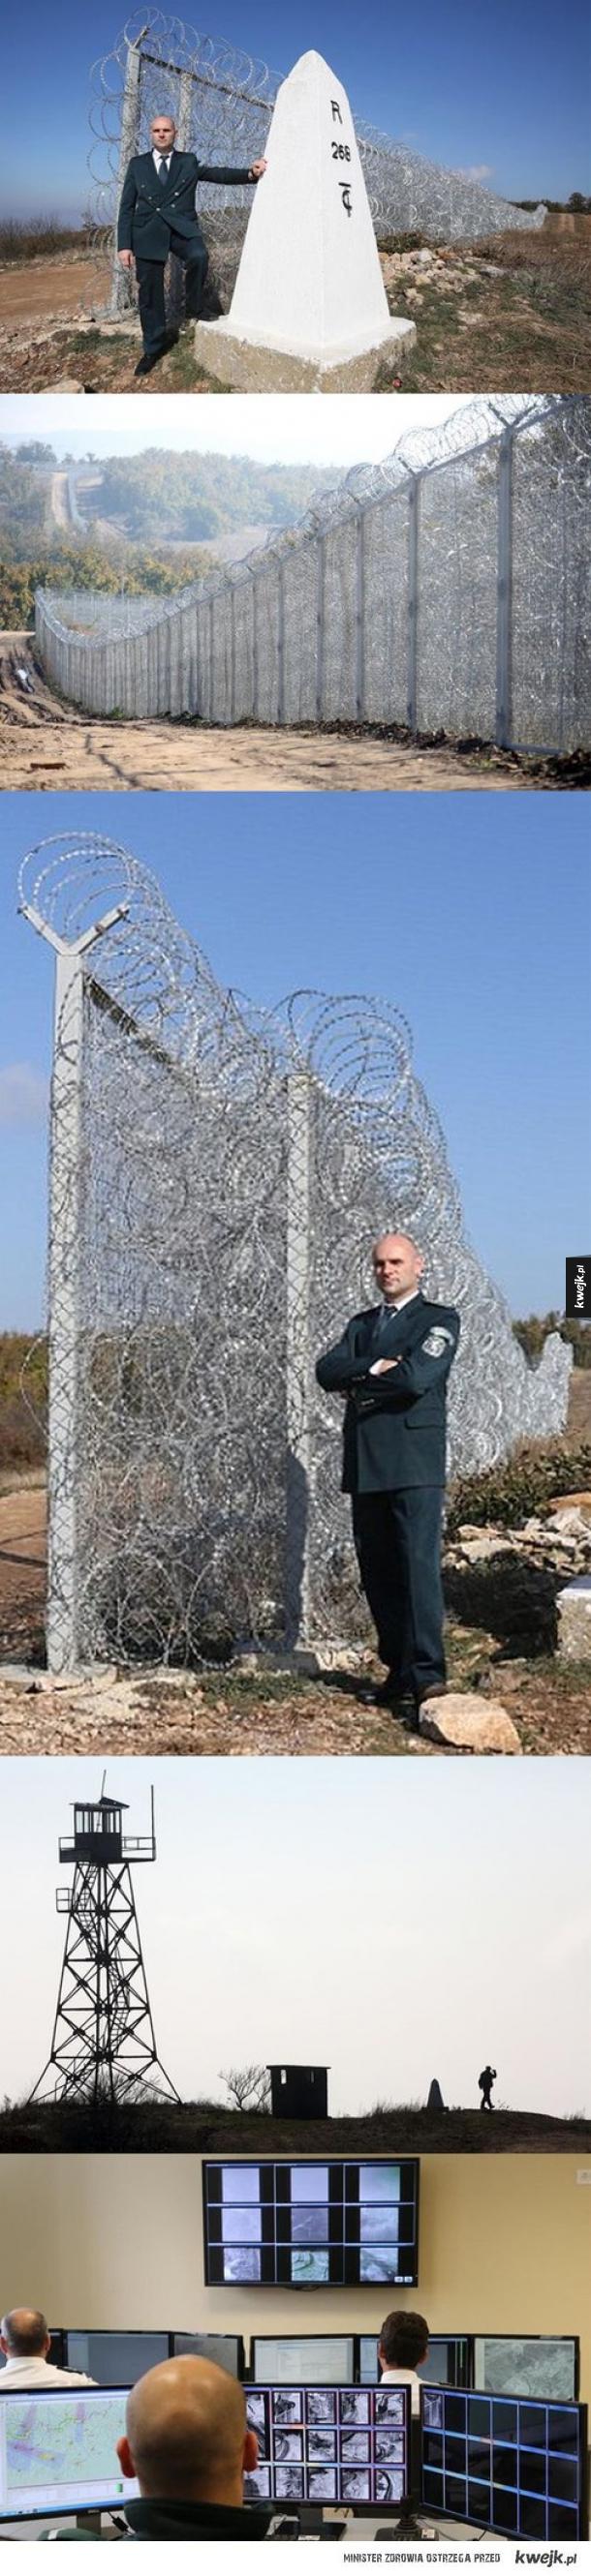 Tak Bułgarnia przyjmuje imigrantów